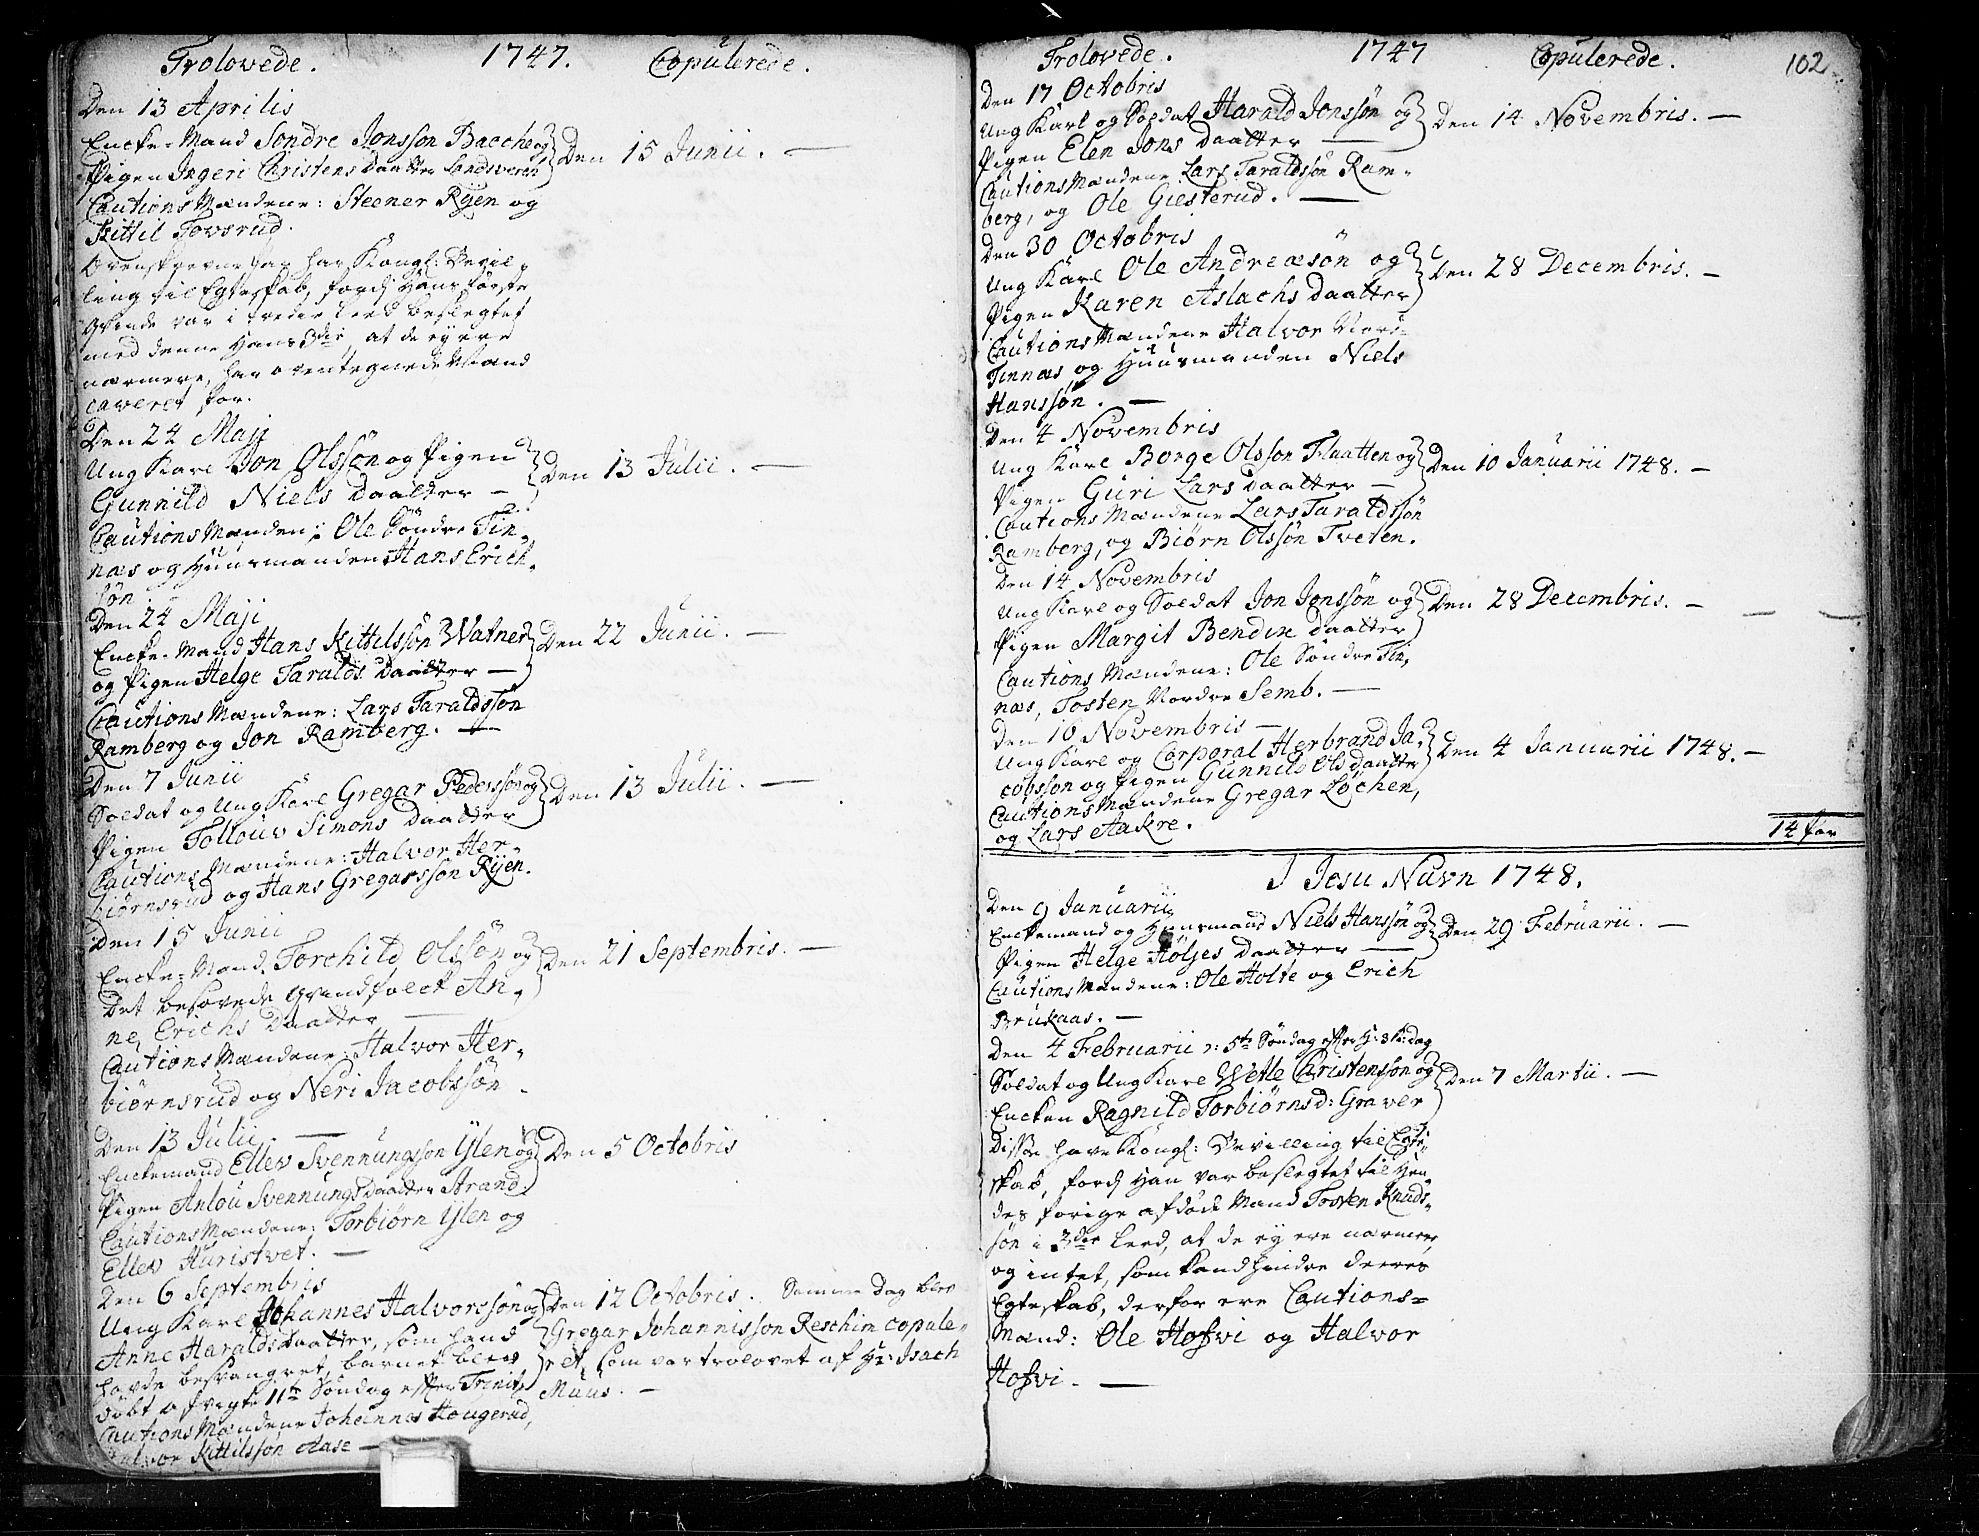 SAKO, Heddal kirkebøker, F/Fa/L0003: Ministerialbok nr. I 3, 1723-1783, s. 102